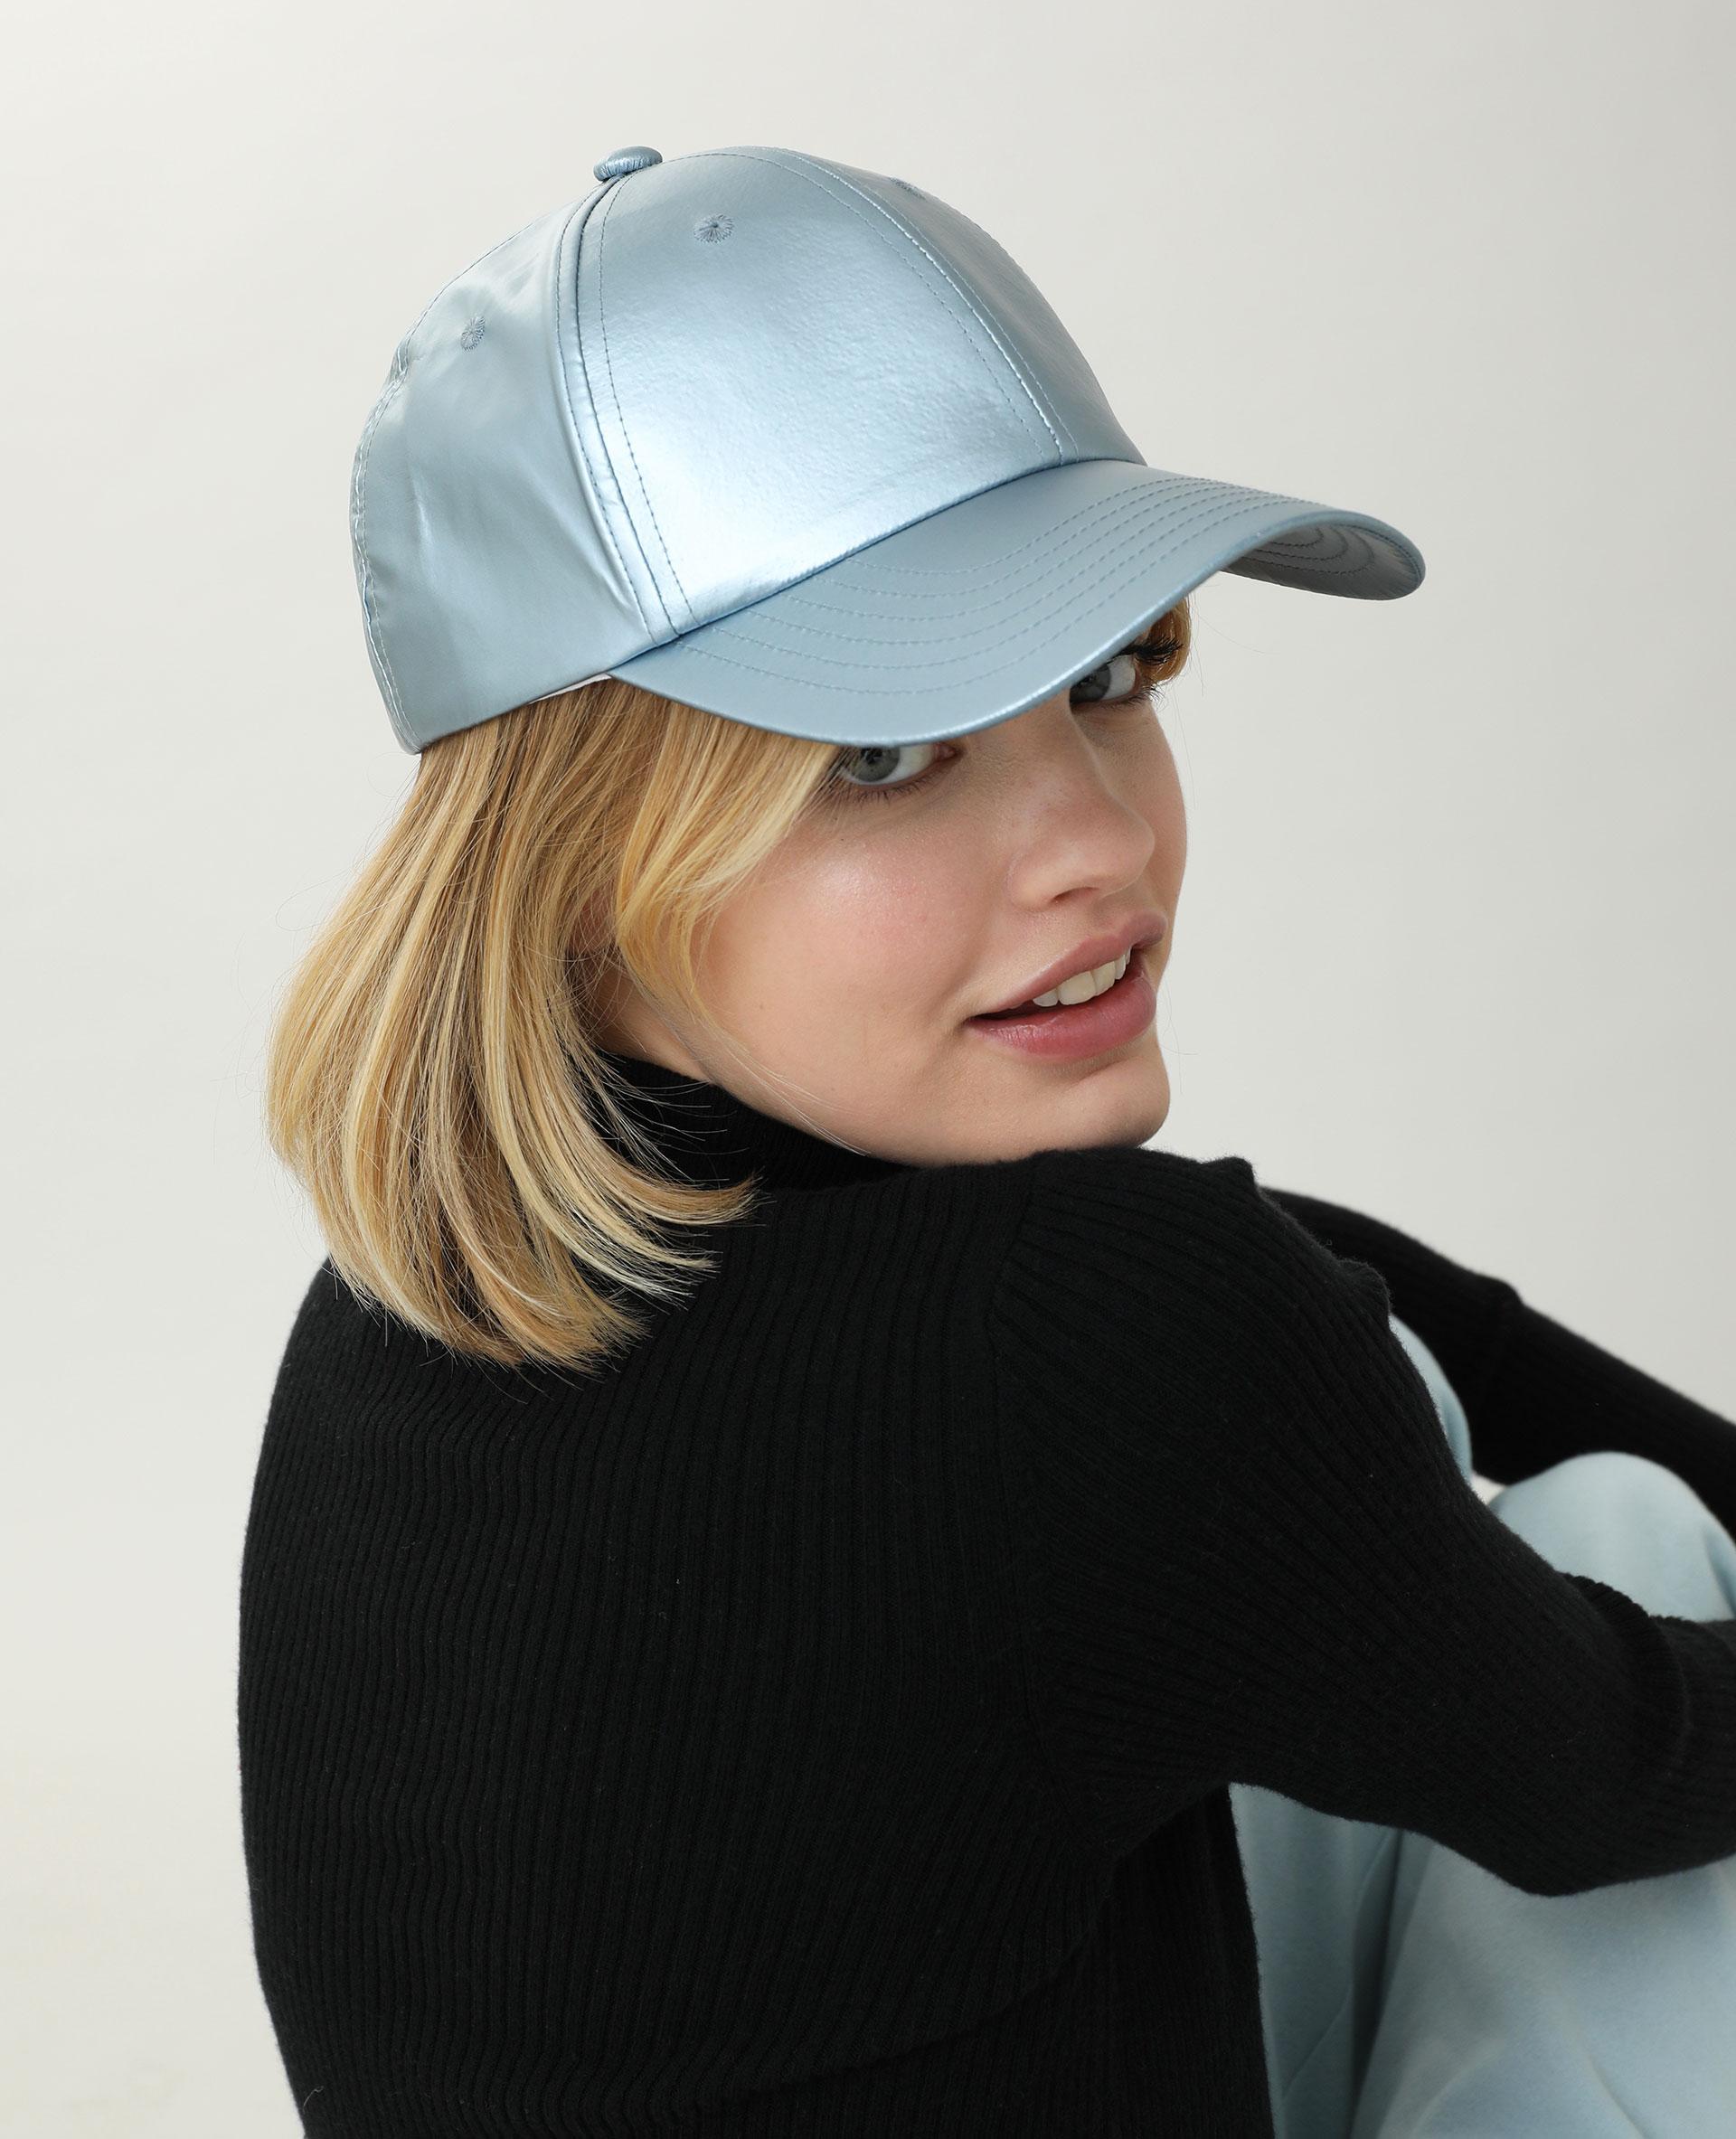 Casquette bleu - Pimkie